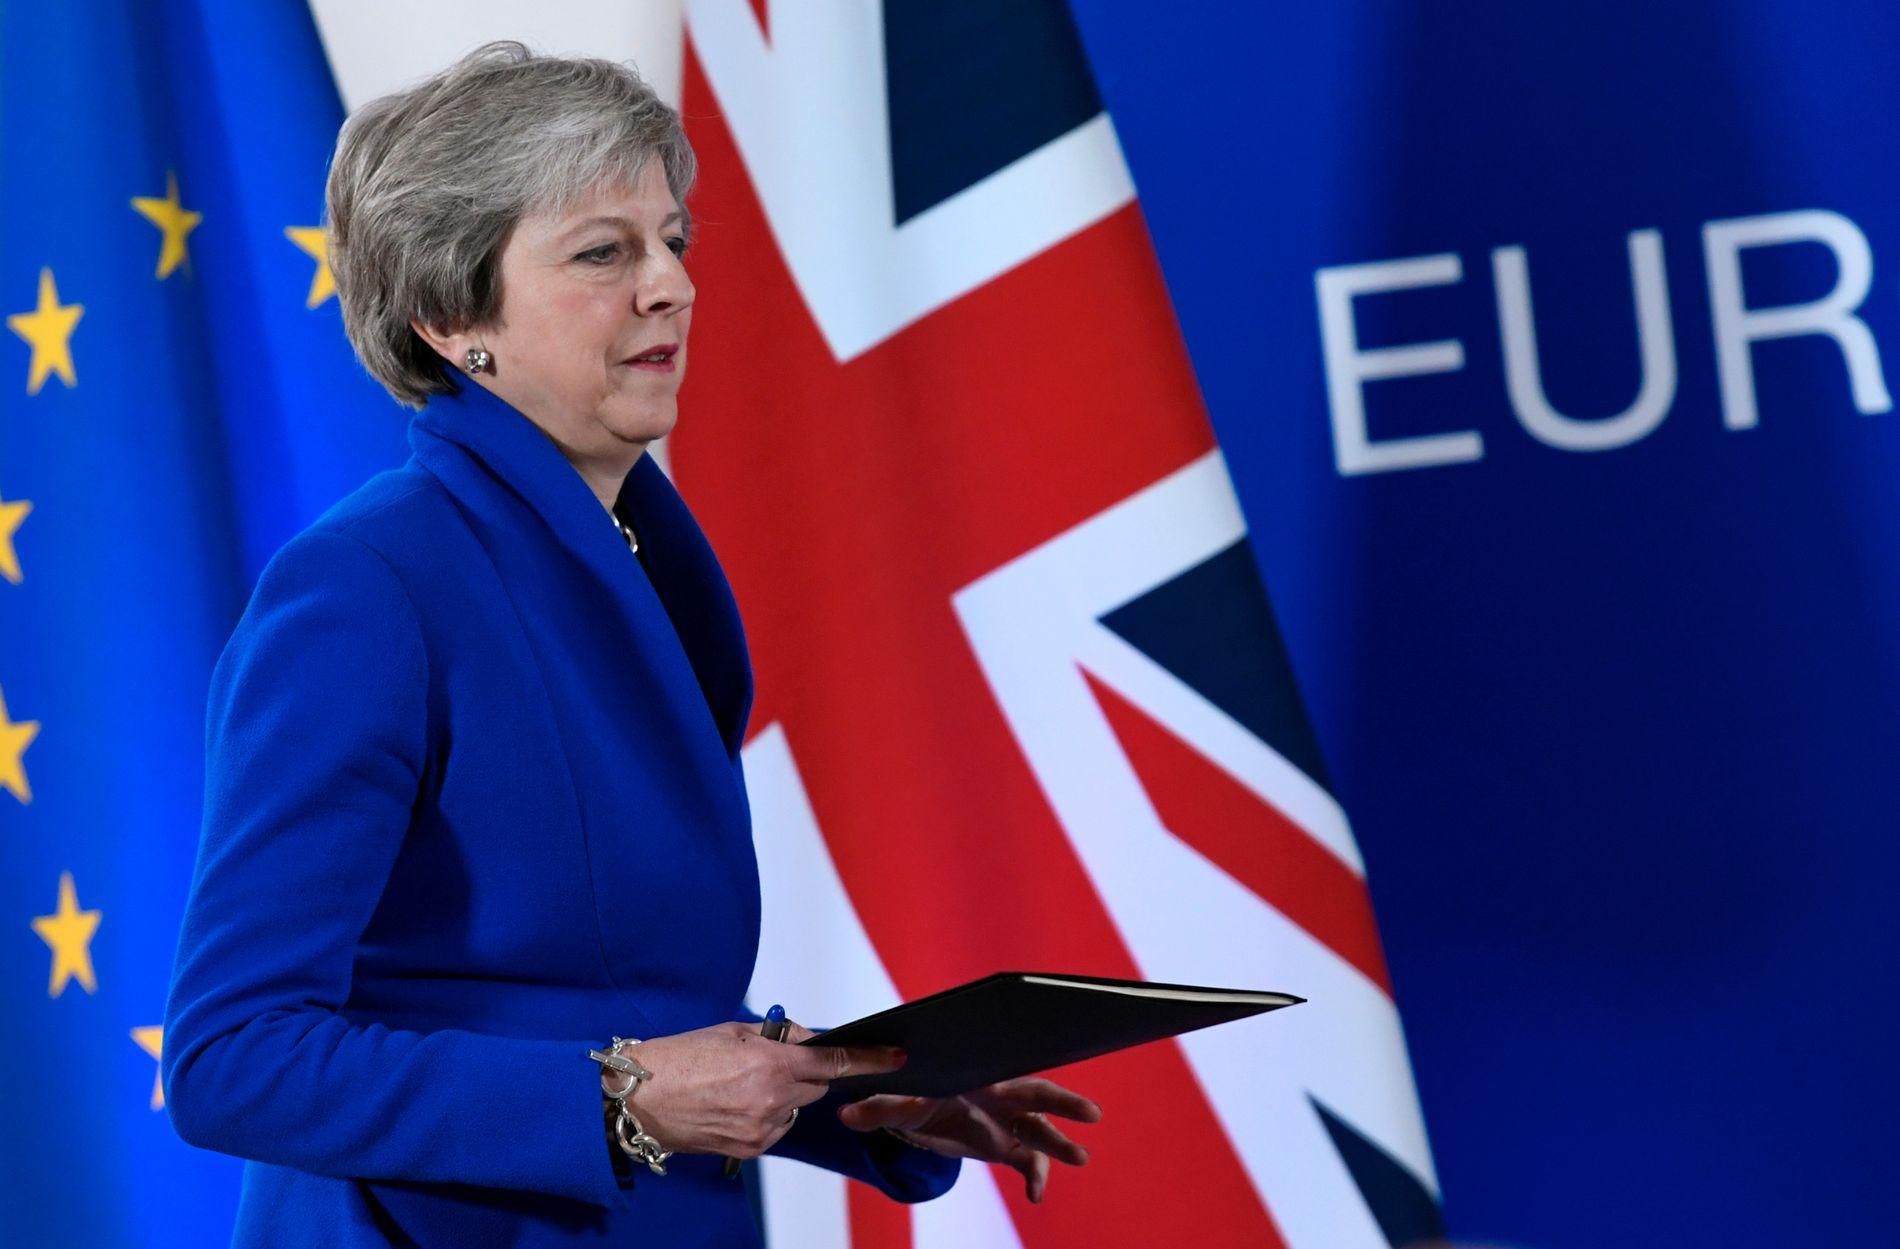 INGEN AVTALE: – Statsminister Theresa May har ikkje fleirtal i sitt eige parlament for avtalen med EU akkurat no. Rarare ting har kanskje skjedd, men det er vanskeleg å sjå korleis ho skal stable det fleirtalet på beina, skriv Morten Myksvoll.